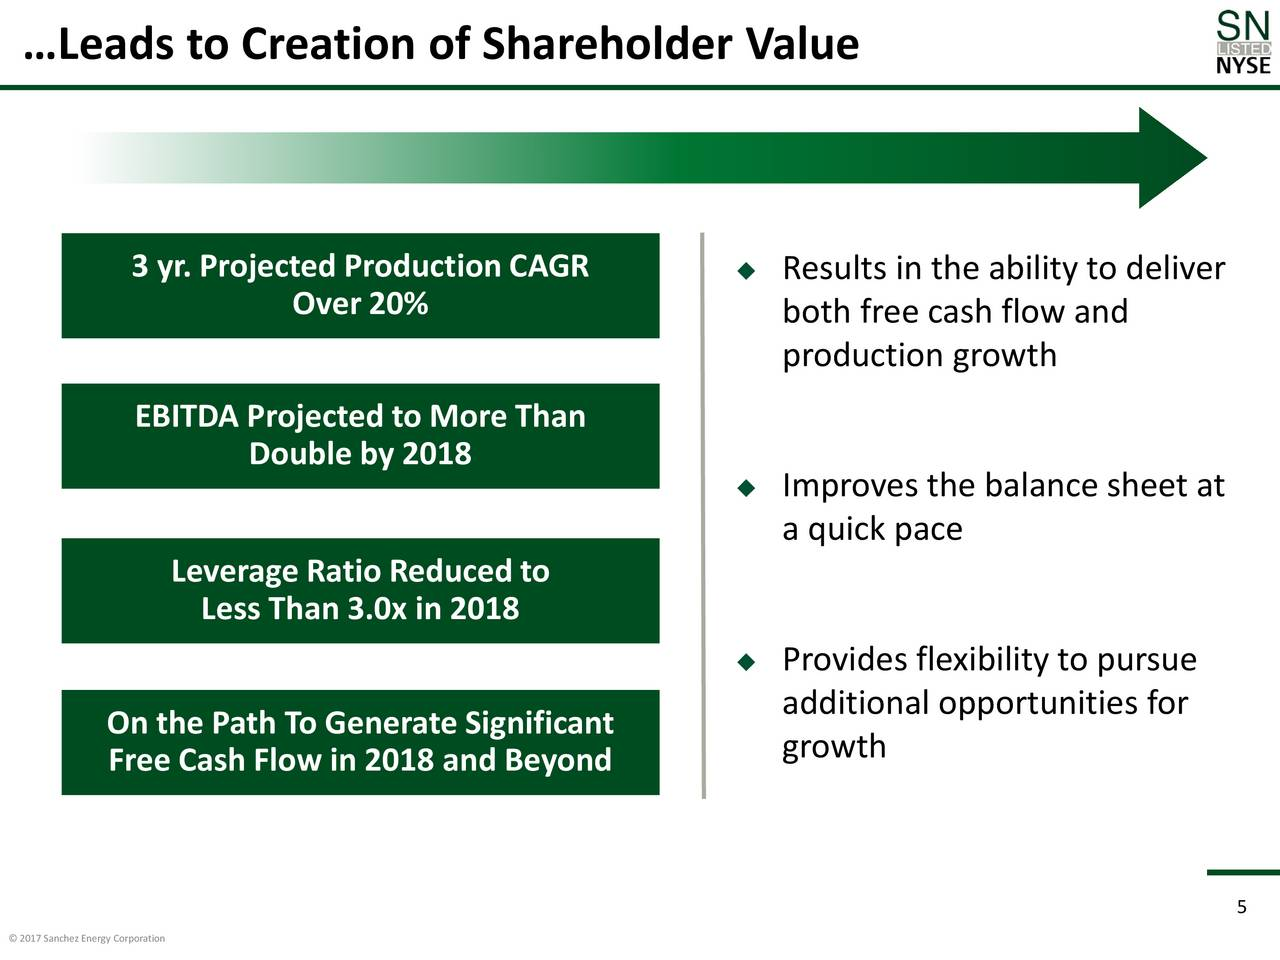 ten ways to create shareholder value